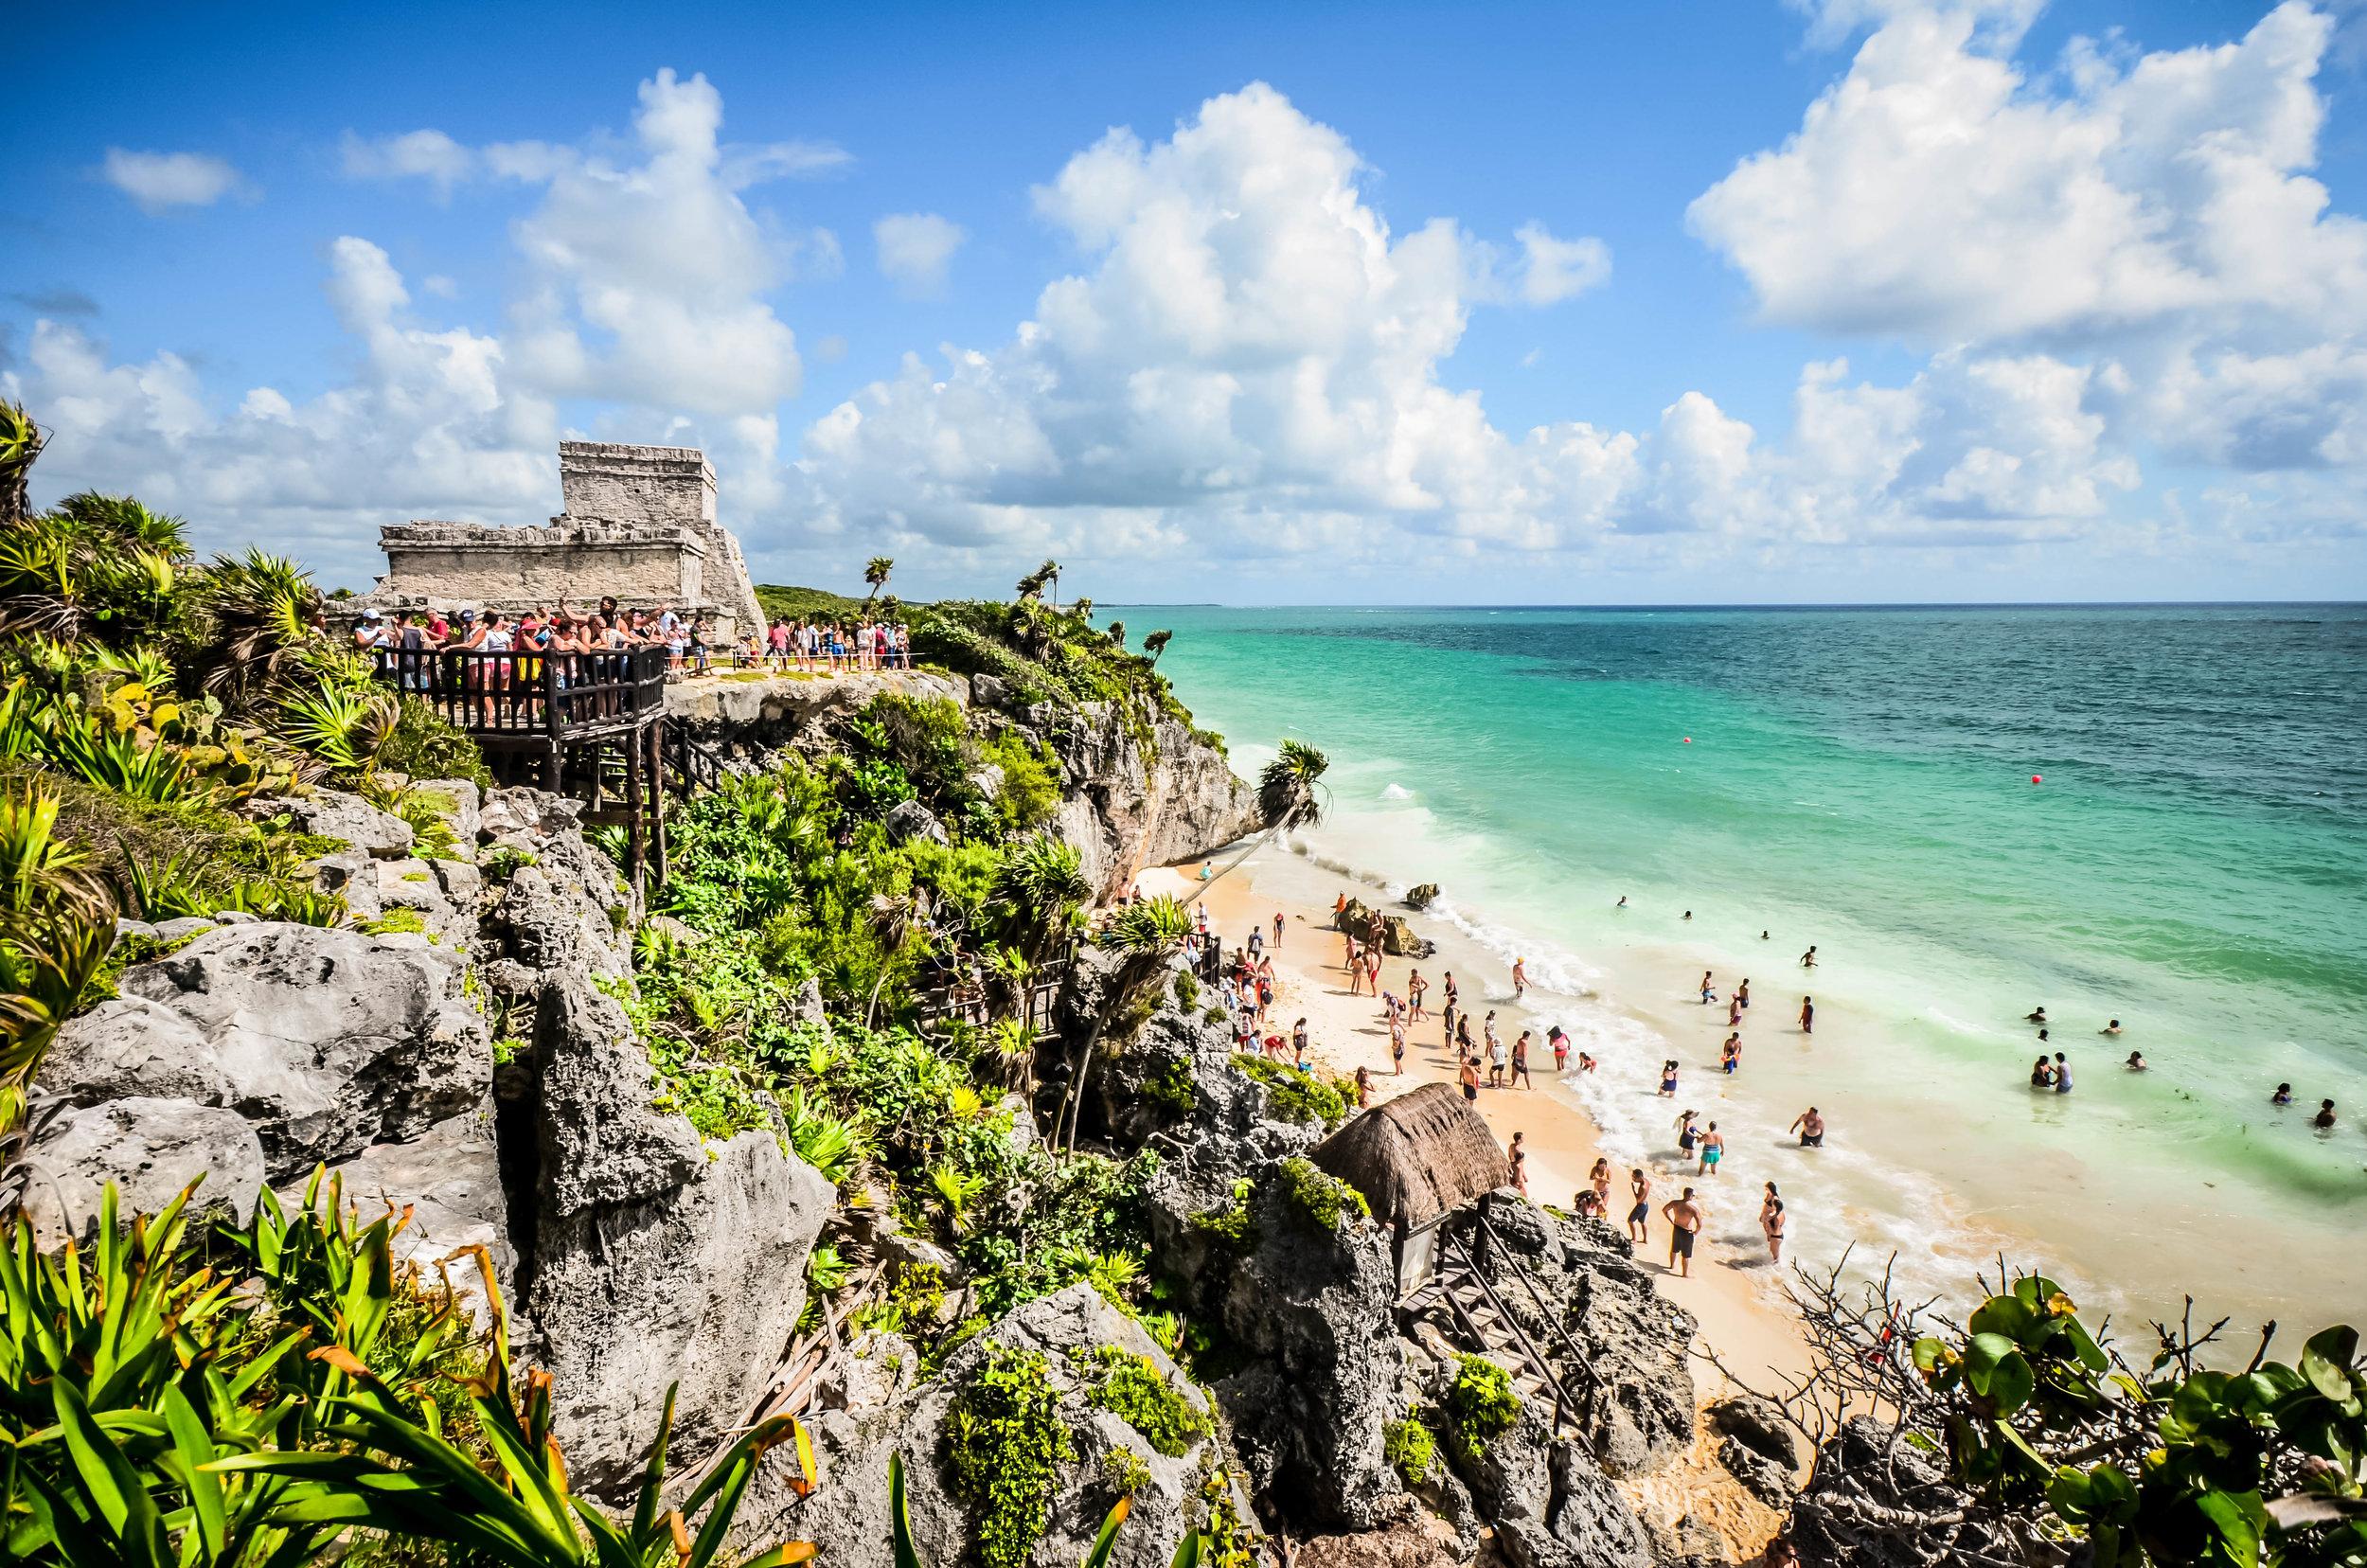 Tulum, México - Si estás buscando una escapada con playas idílicas y cultura, Tulum es la respuesta. Para llegar aquí deberás volar al aeropuerto de Cancún y luego llegar por tierra a Tulum. Probablemente uno de los pueblos que más preserva una identidad no tan afectada por el turismo en masa en la Península del Yucatán y en donde podrás experimentar la deliciosa gastronomía y típica cultura mexicana sin los omnipresentes tourist traps de otras ciudades cercanas como Cancún y Playa del Carmen. Cancún te permitirá desconectarte de todo, entre sus playas con un azul increíble y su ruinas y templos impresionantes; mientras Tulum, te hará testigo del México Bonito. No olvides escaparte a Chichen-Itza y visitar un cenote.